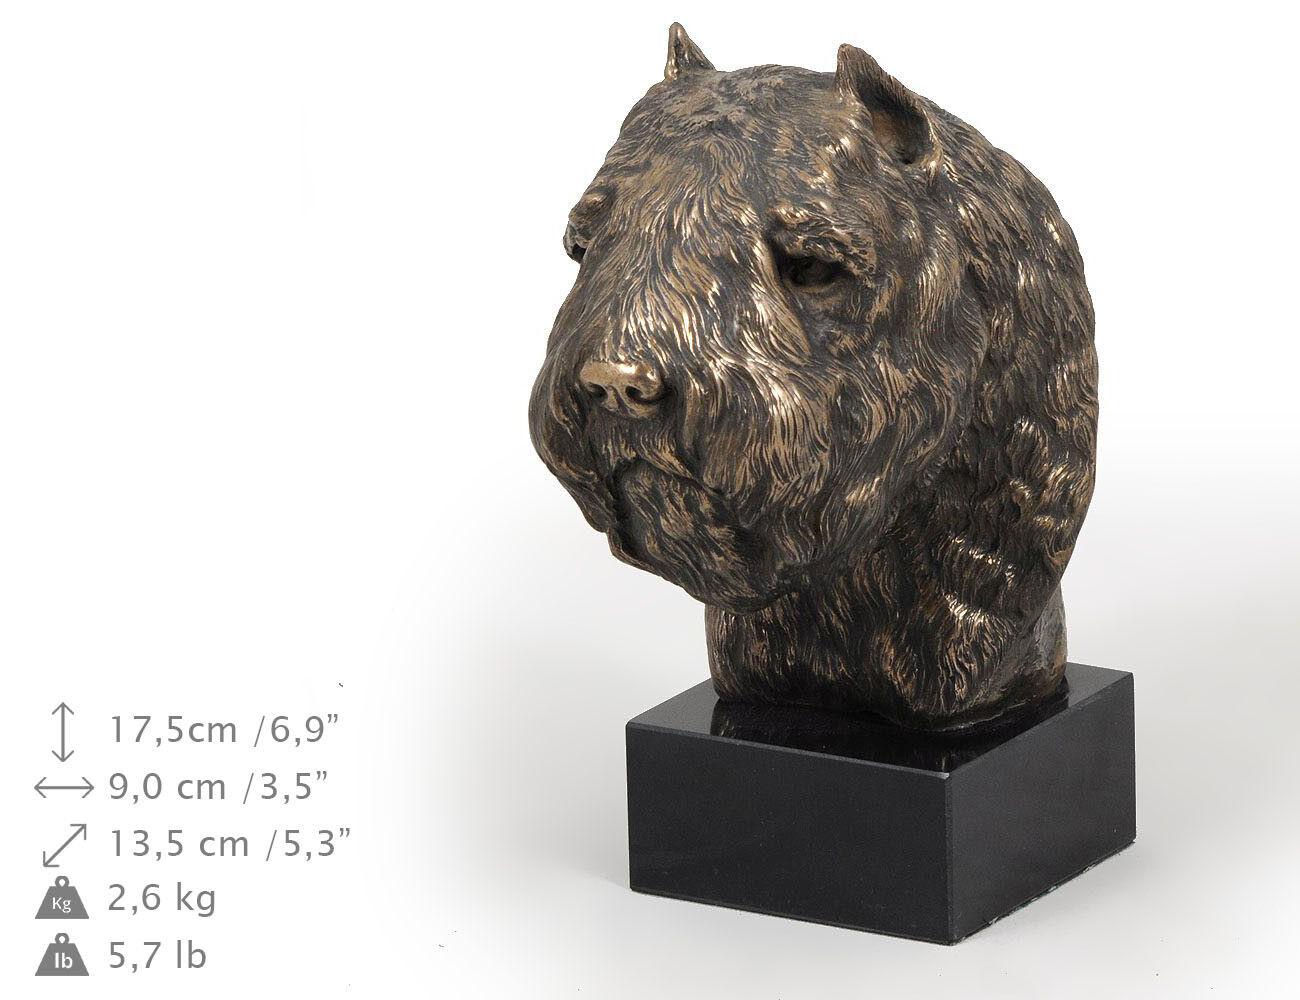 Boyero de Flandes, estatua de mármol   busto de perro ArtDog ES